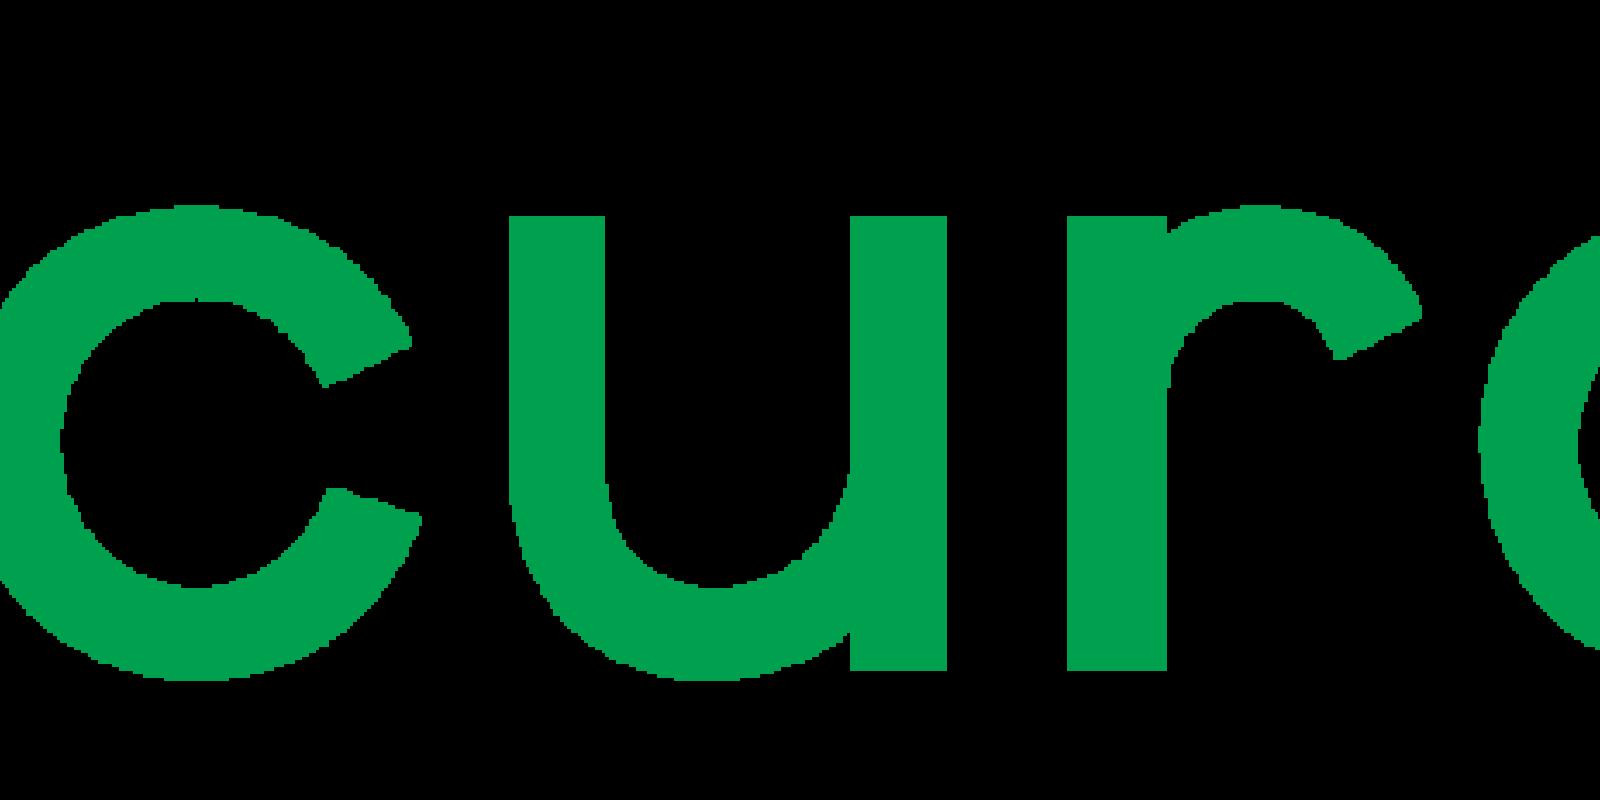 curon_logo_a